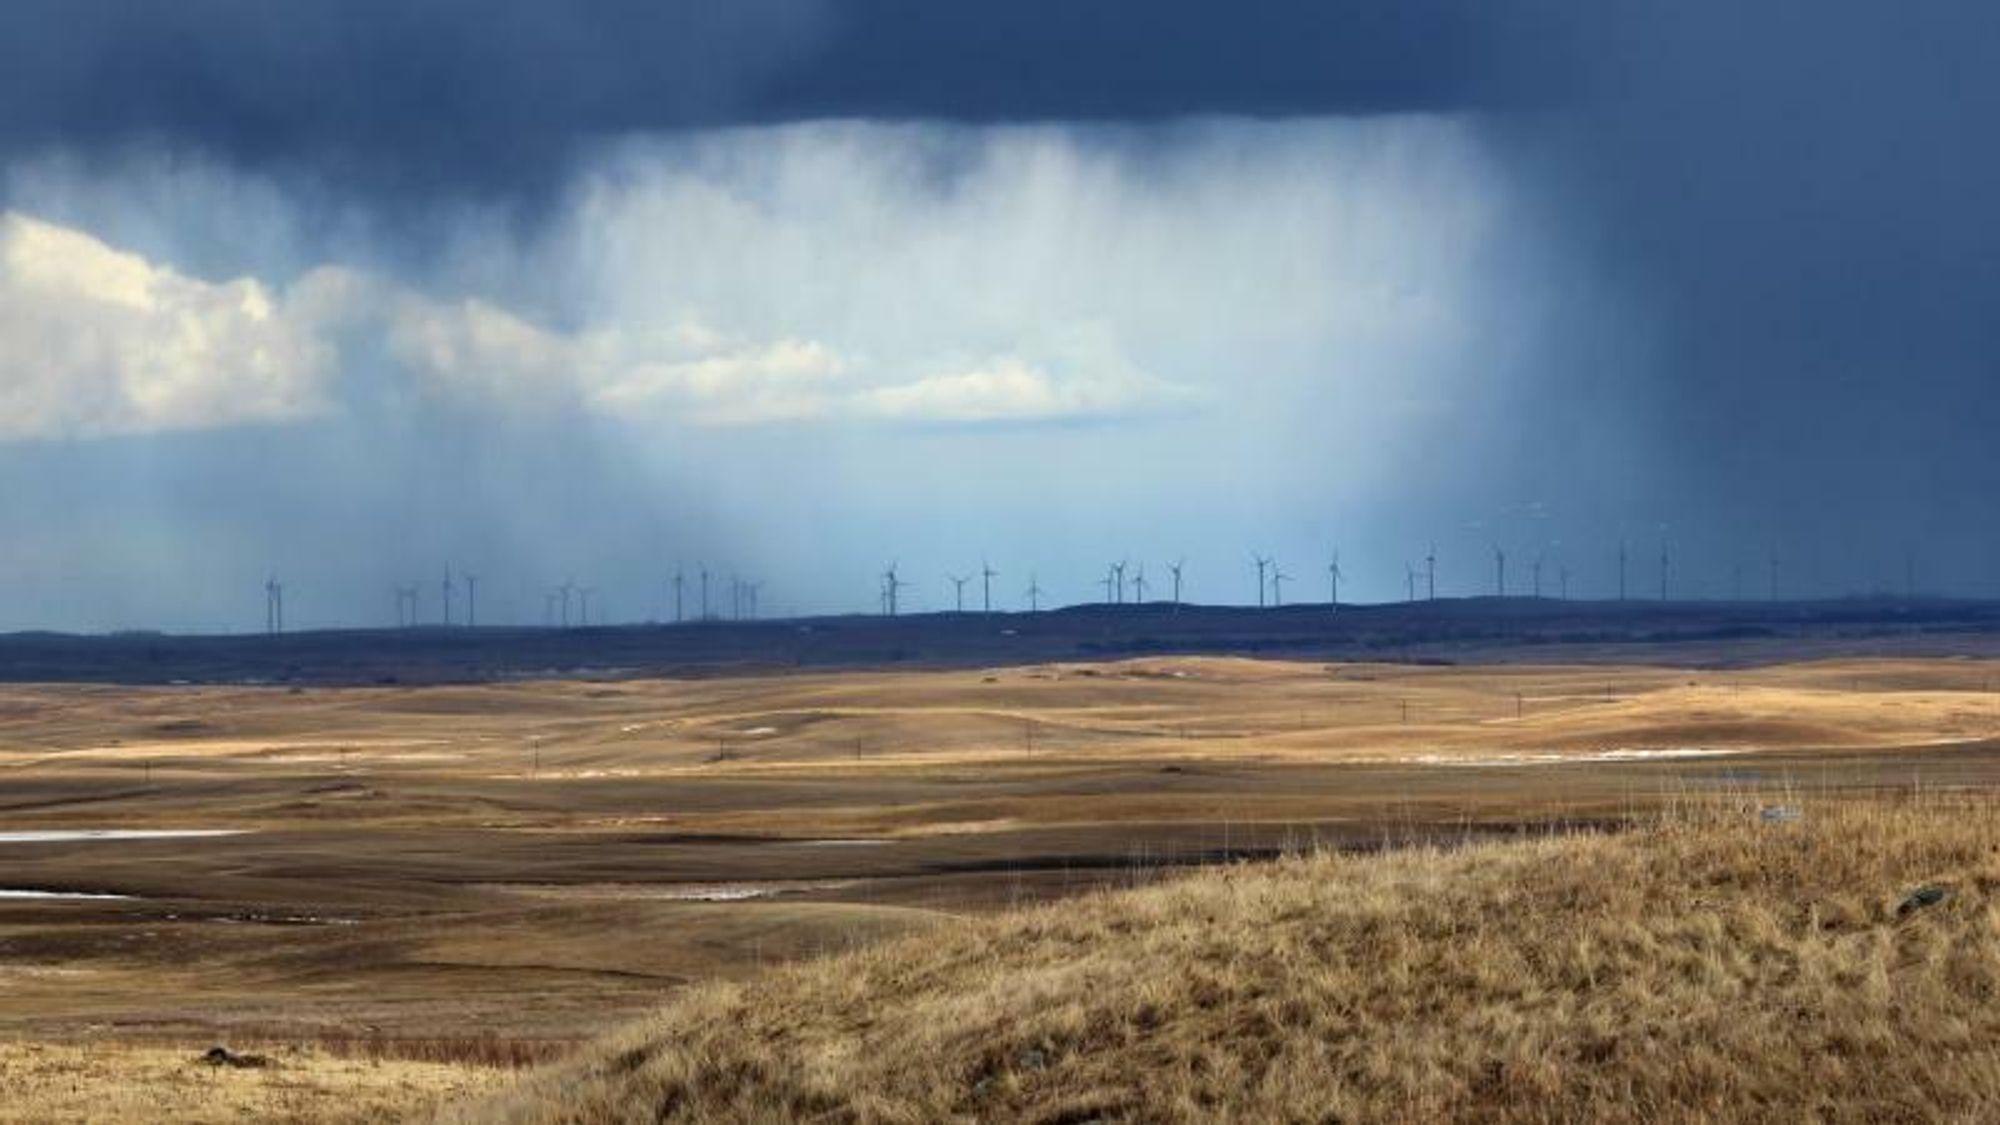 Regndråper sliter på bladene til vindturbiner, noe som reduserer effektiviteten og krever dyrt vedlikehold. En enkel værsensor skal redusere problemet.